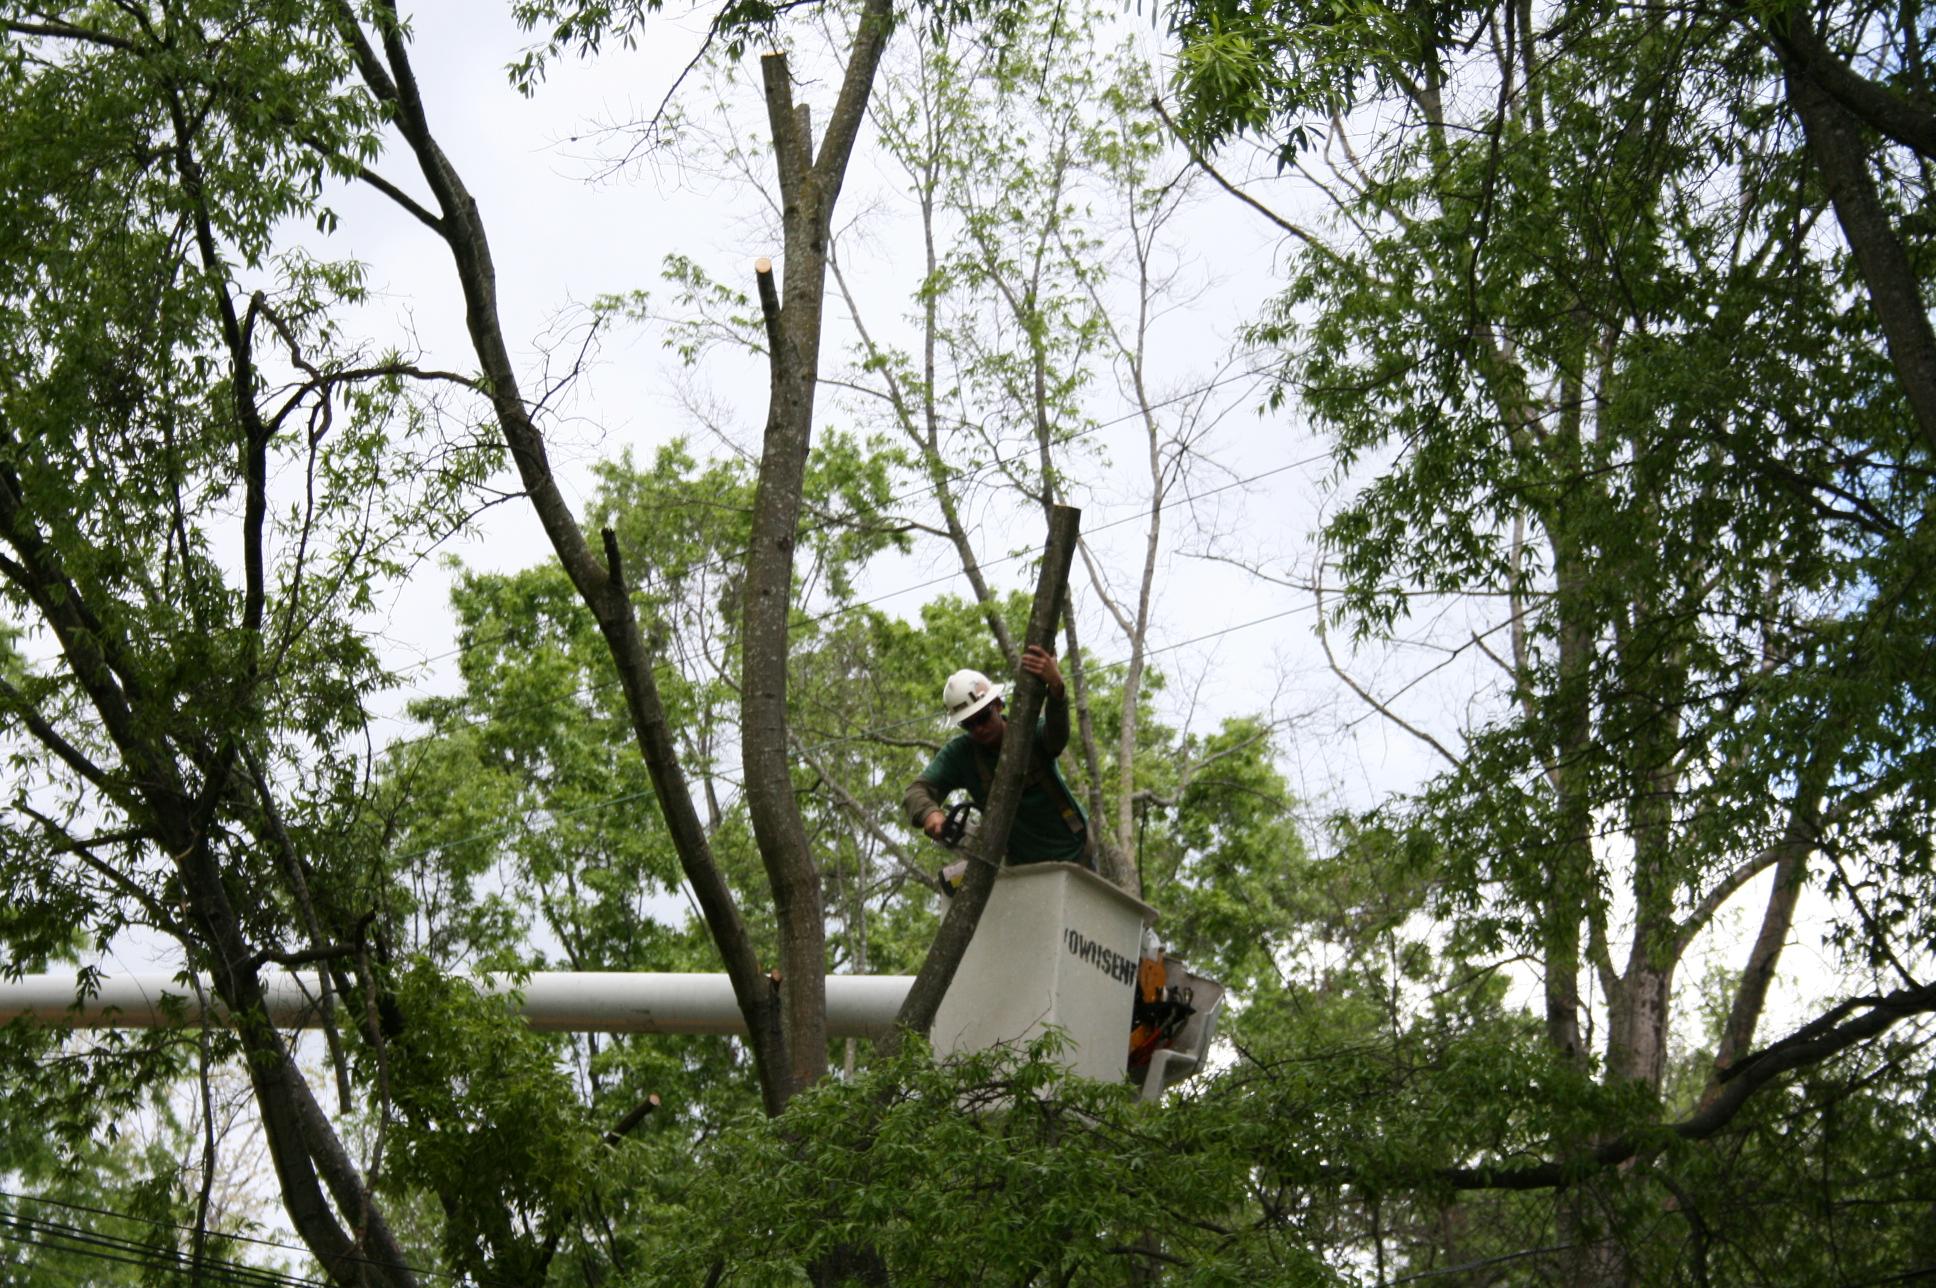 Wenatchee tree service